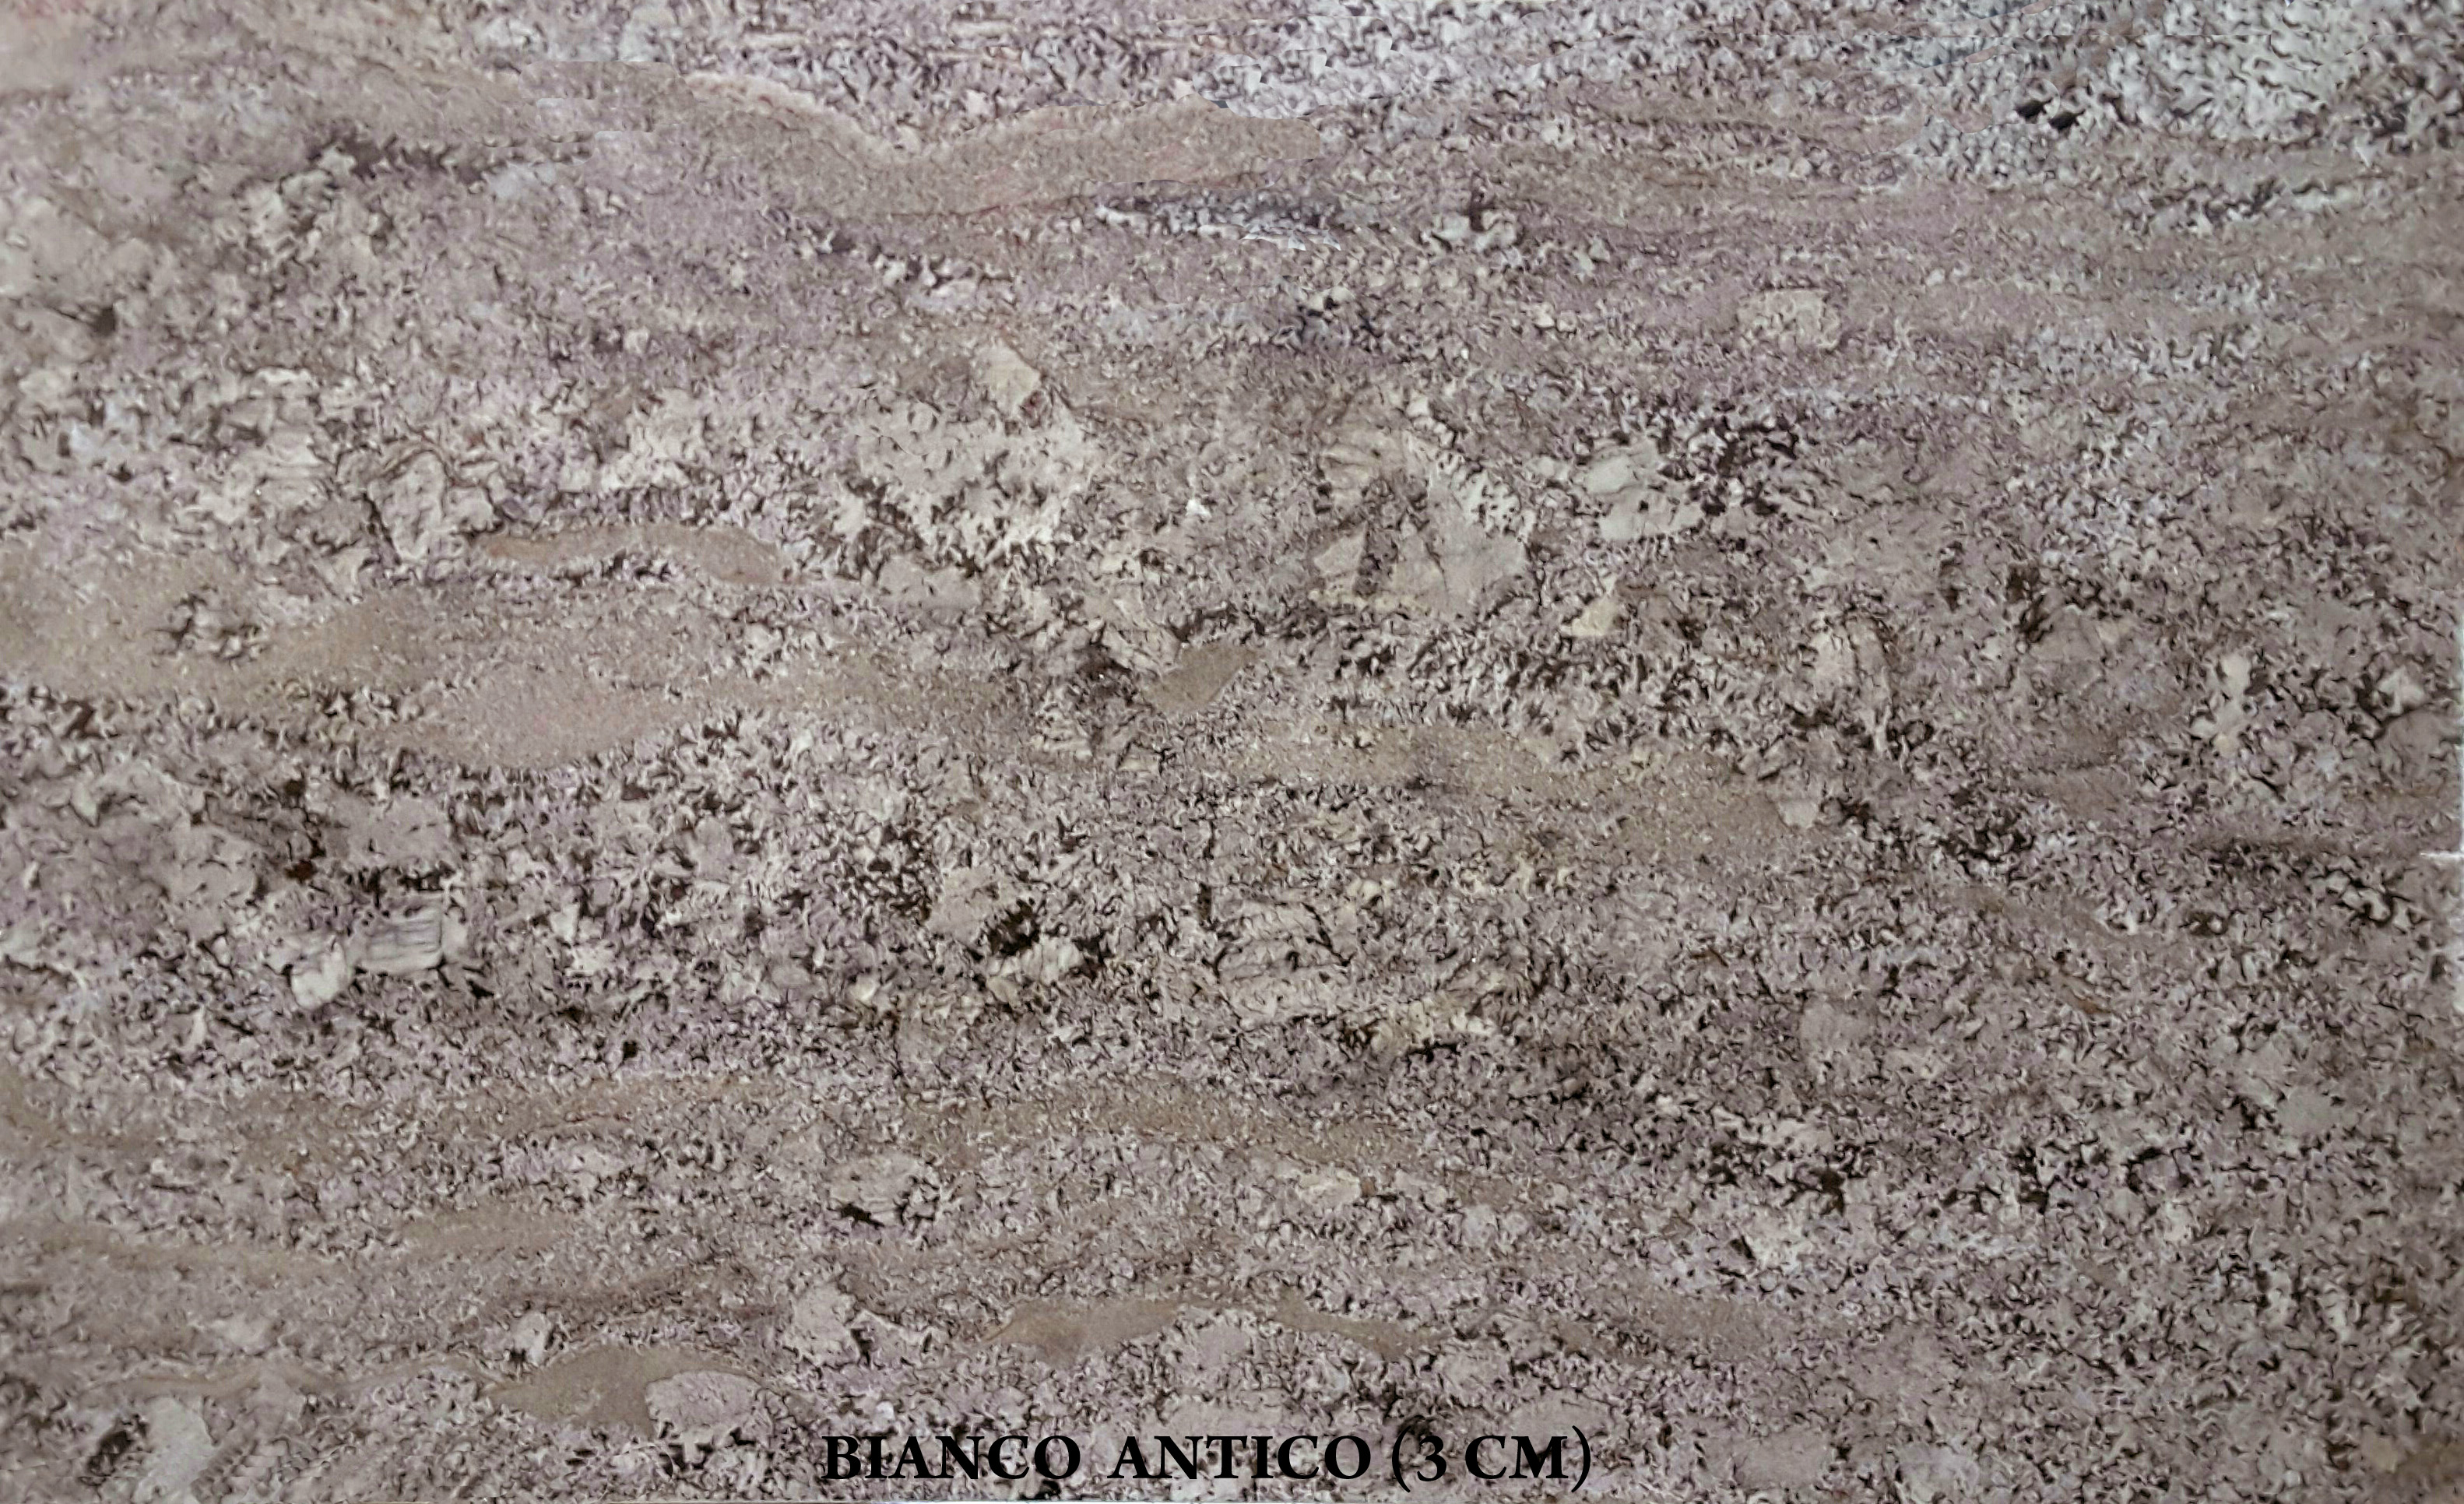 BIANCO ANTICO (3 CM)-#6162